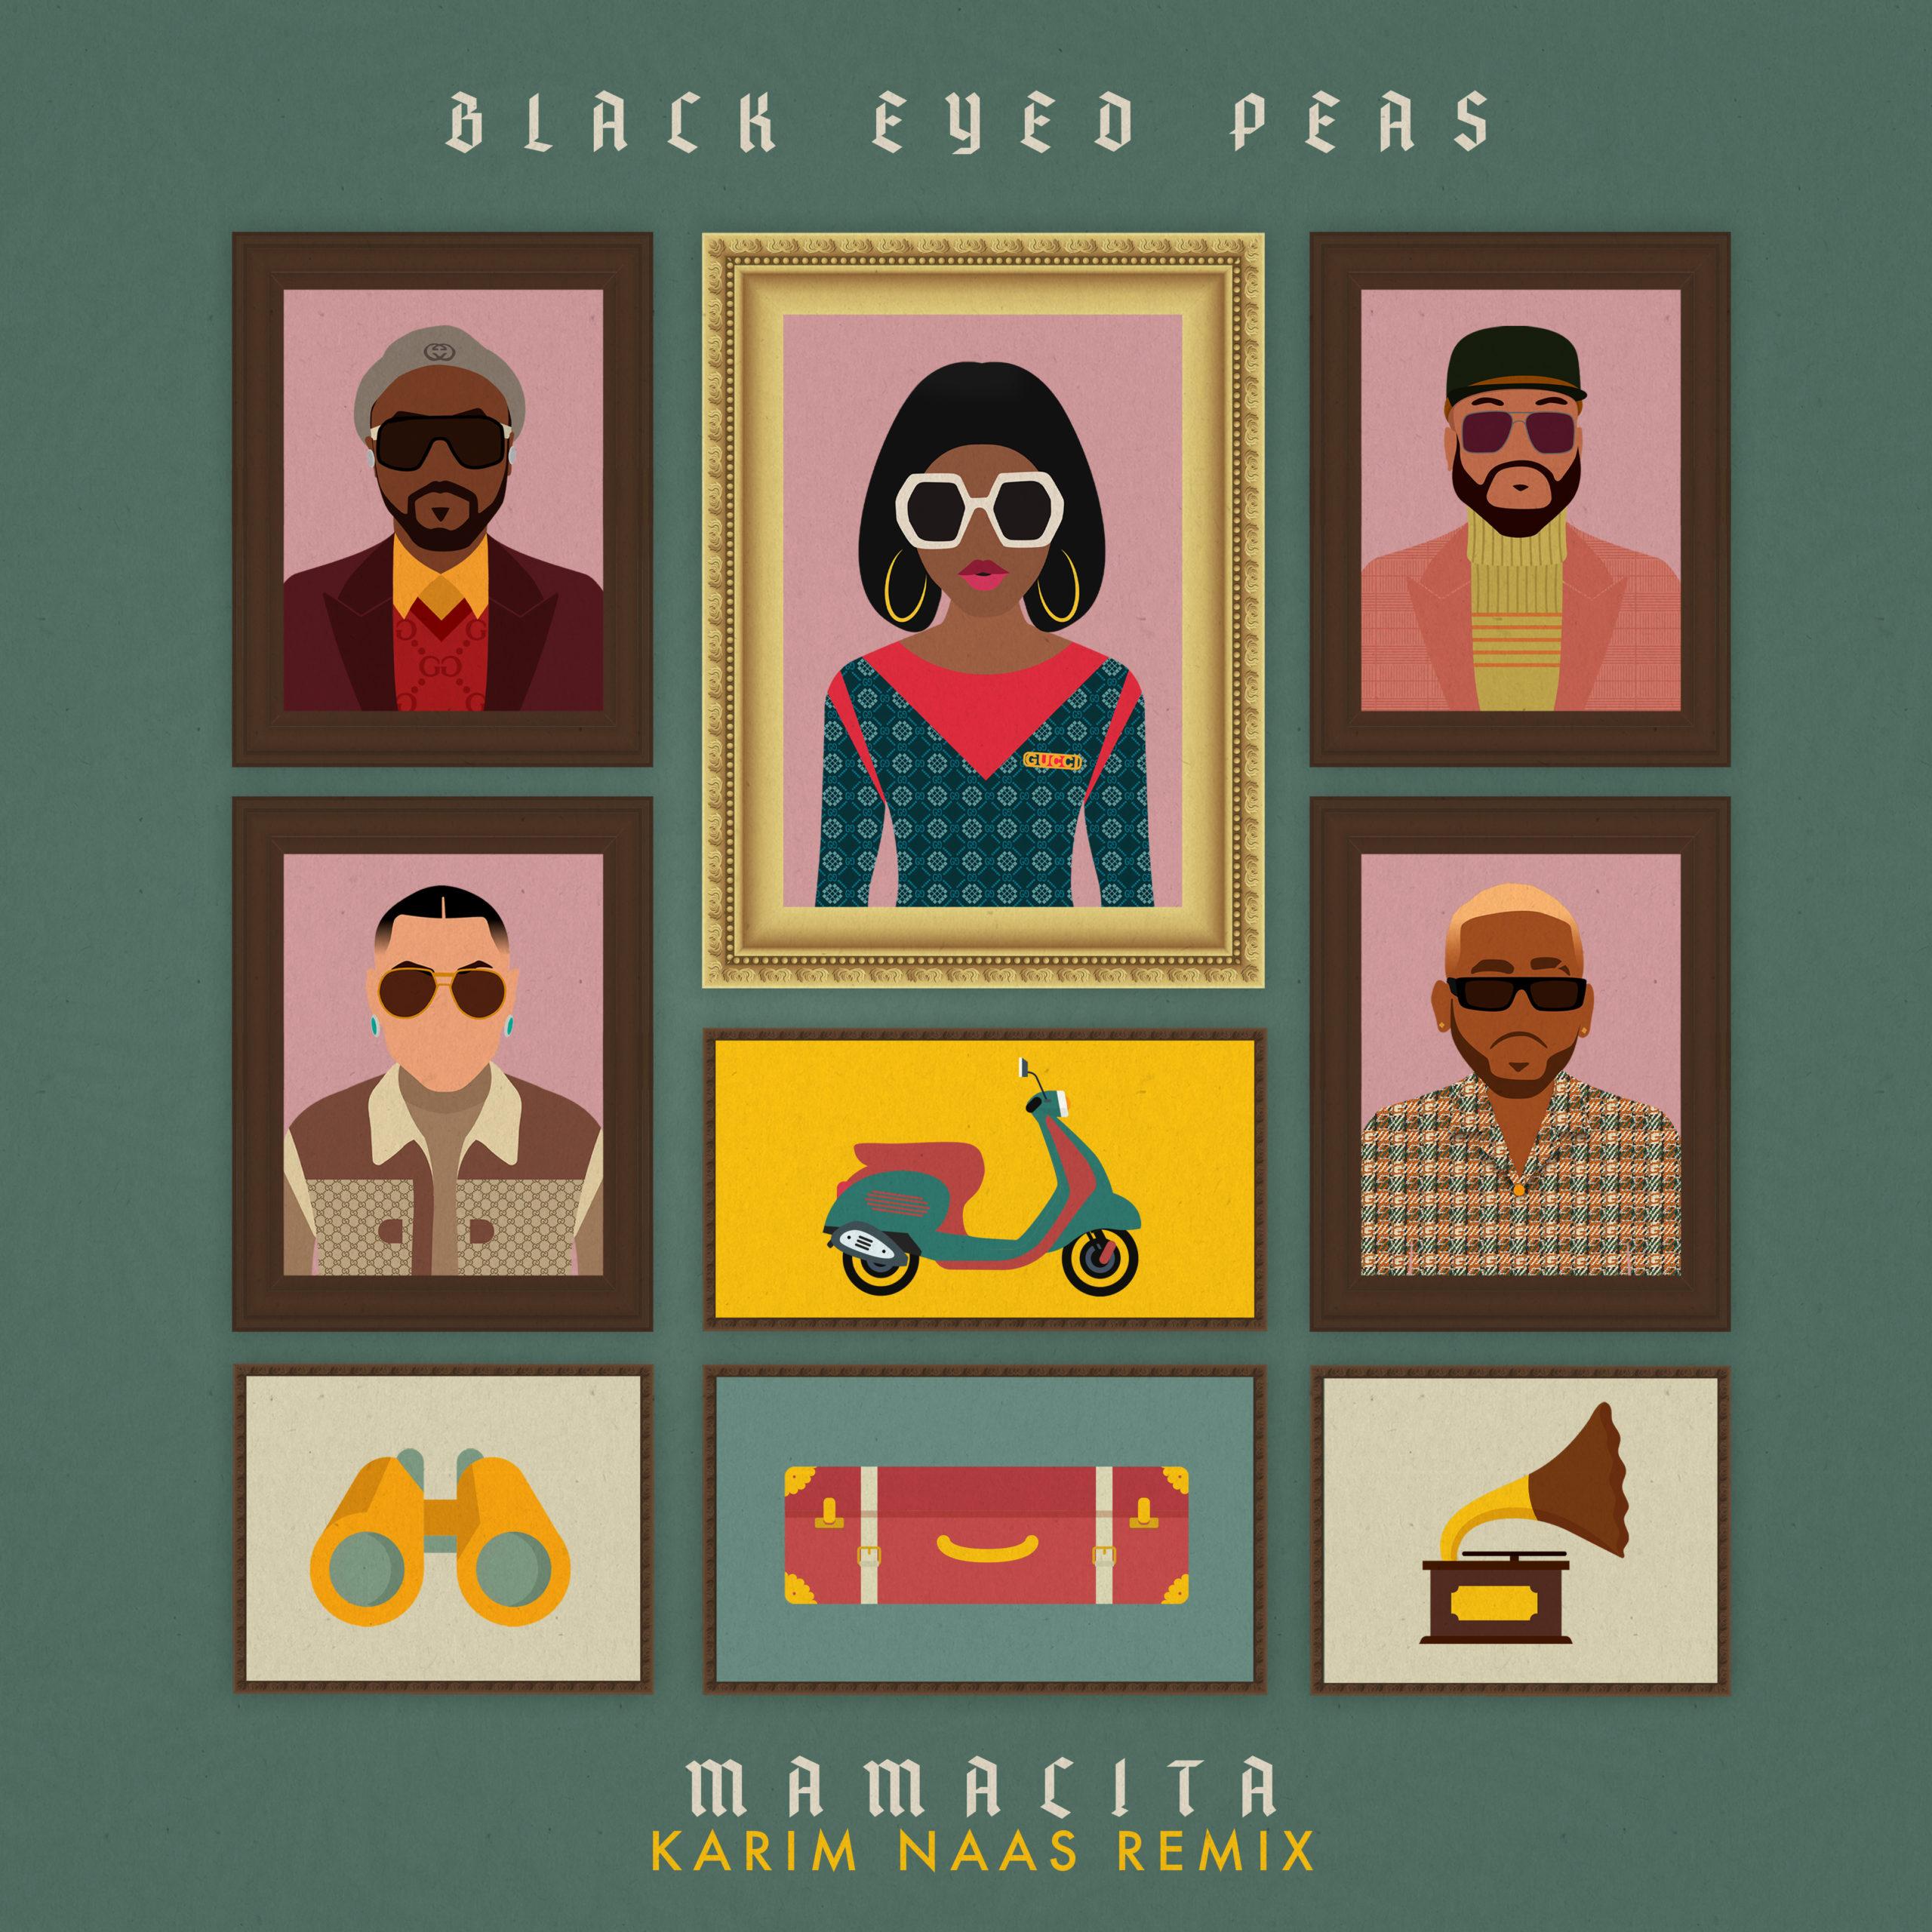 Karim Naas remix MAMACITA Black Eyed Peas